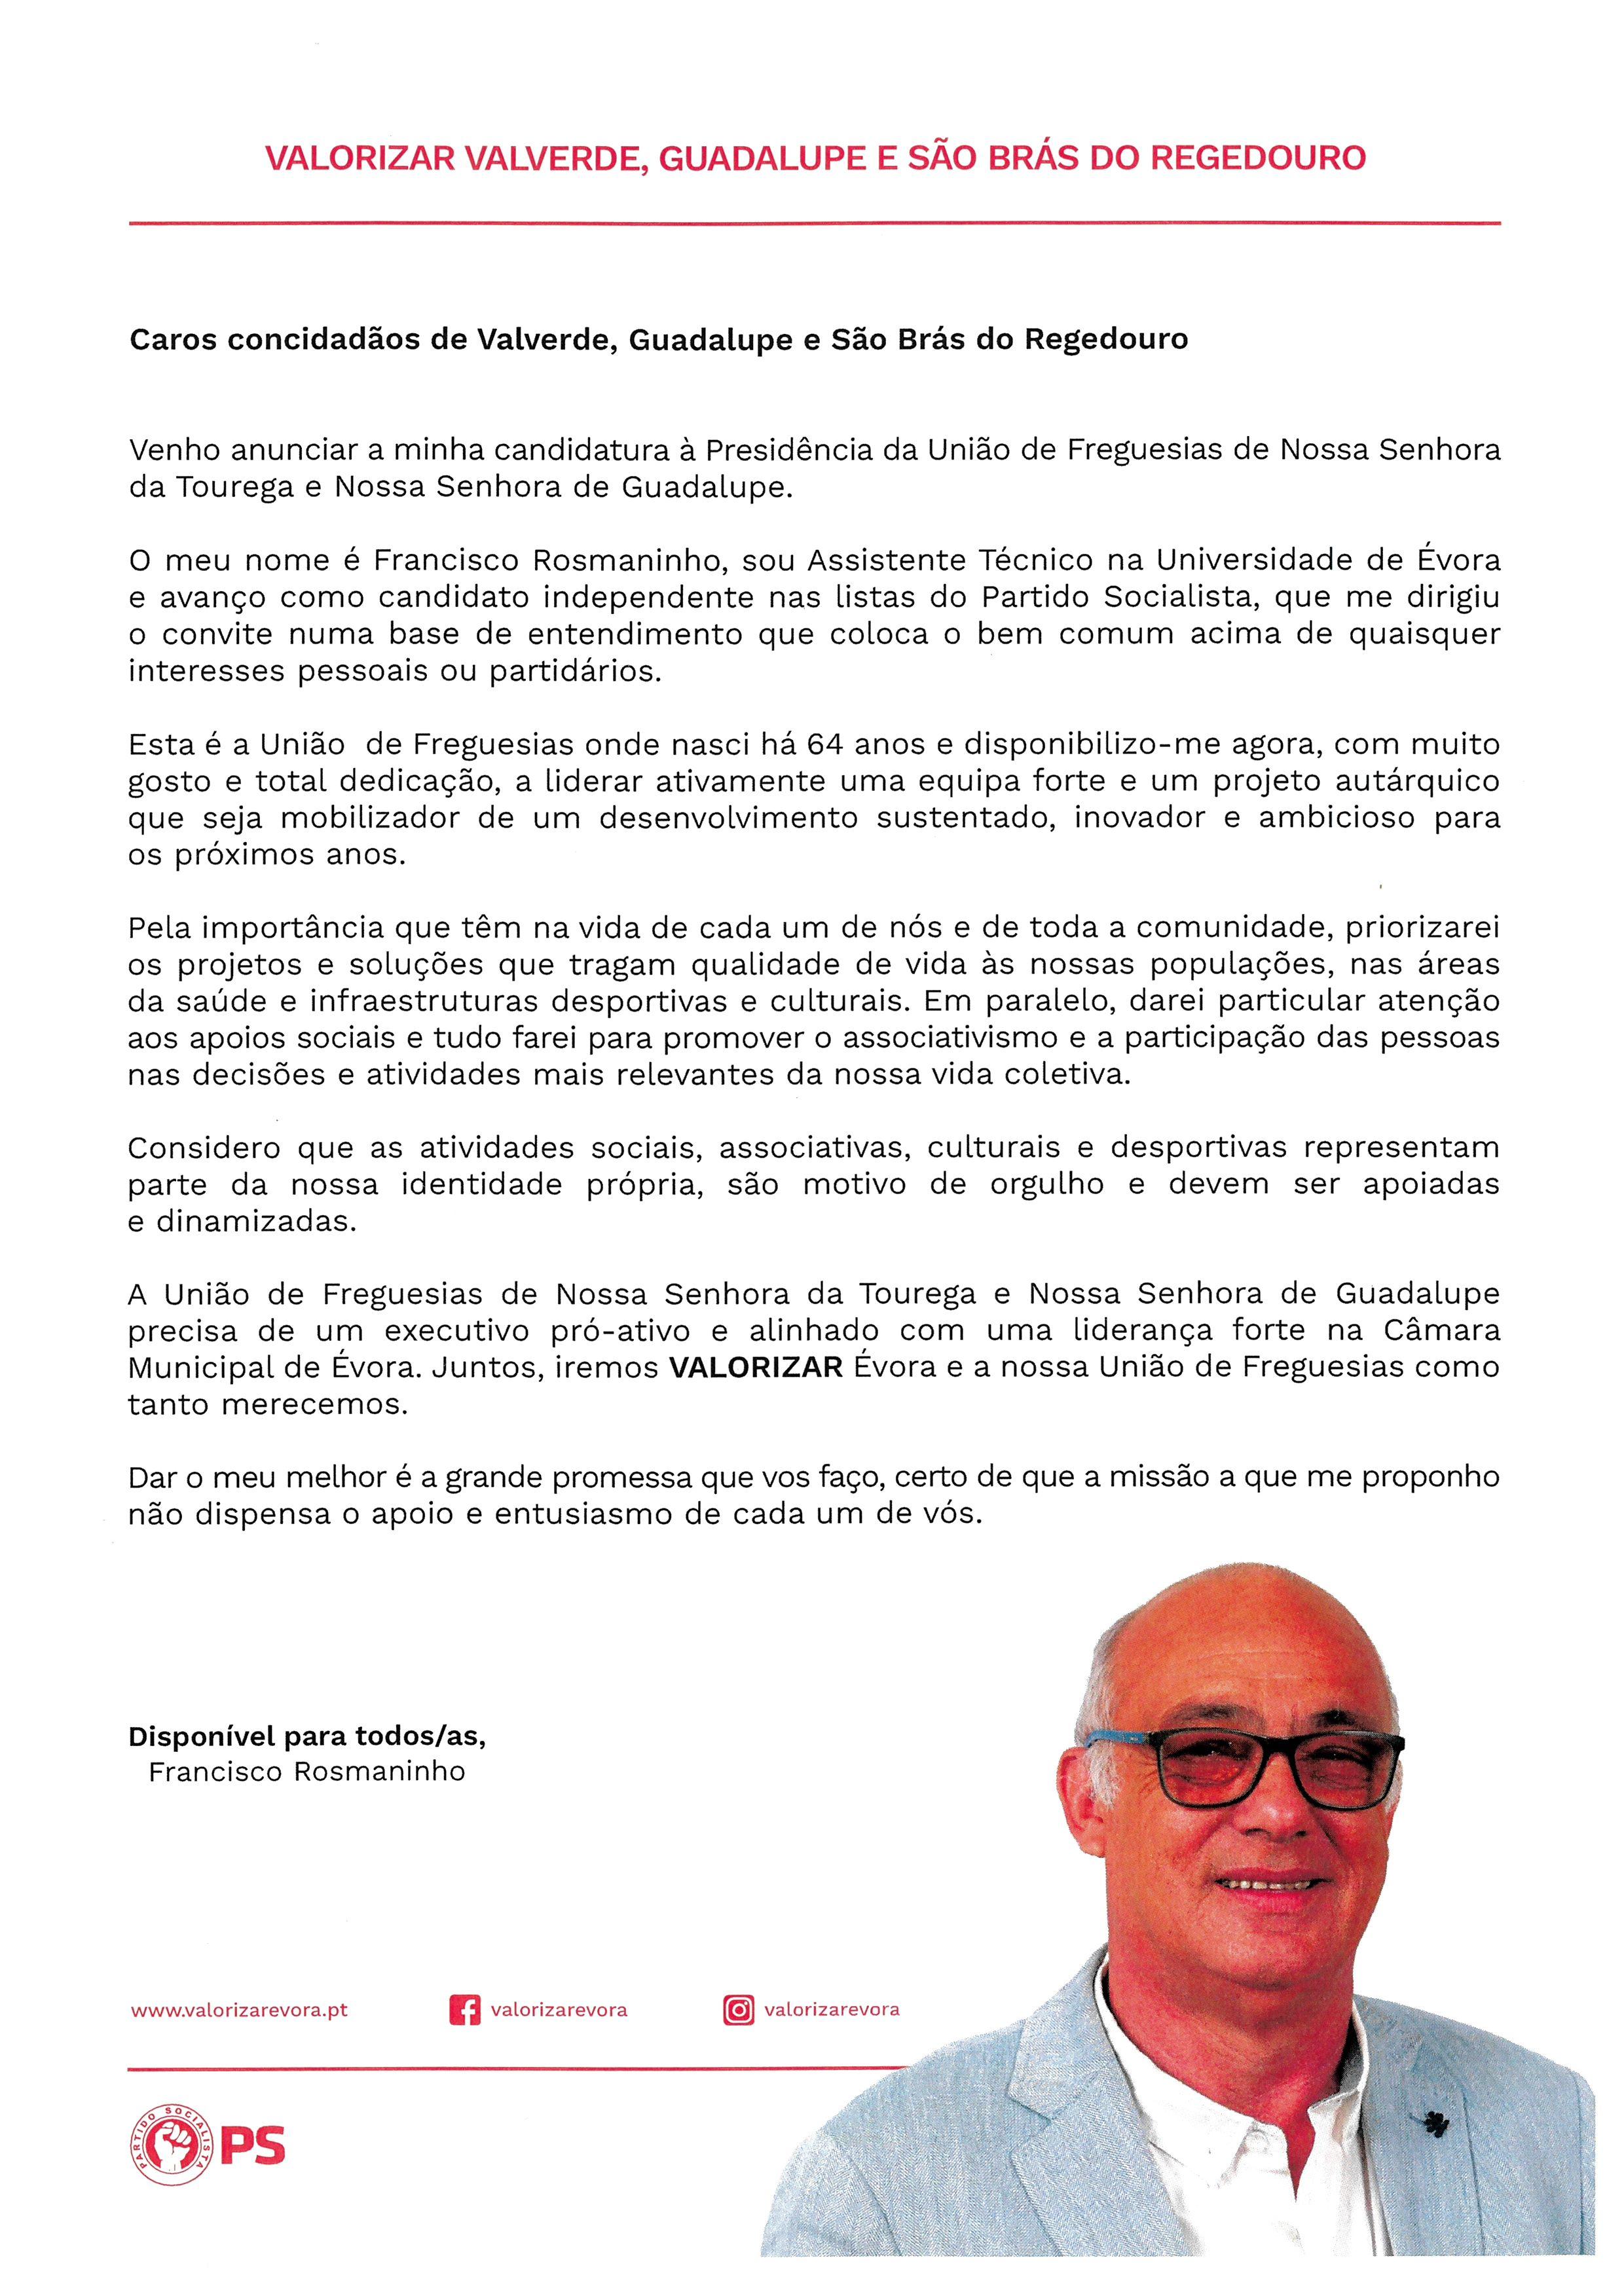 PS_2021_EVR_Freguesia da Tourega e Guadalupe